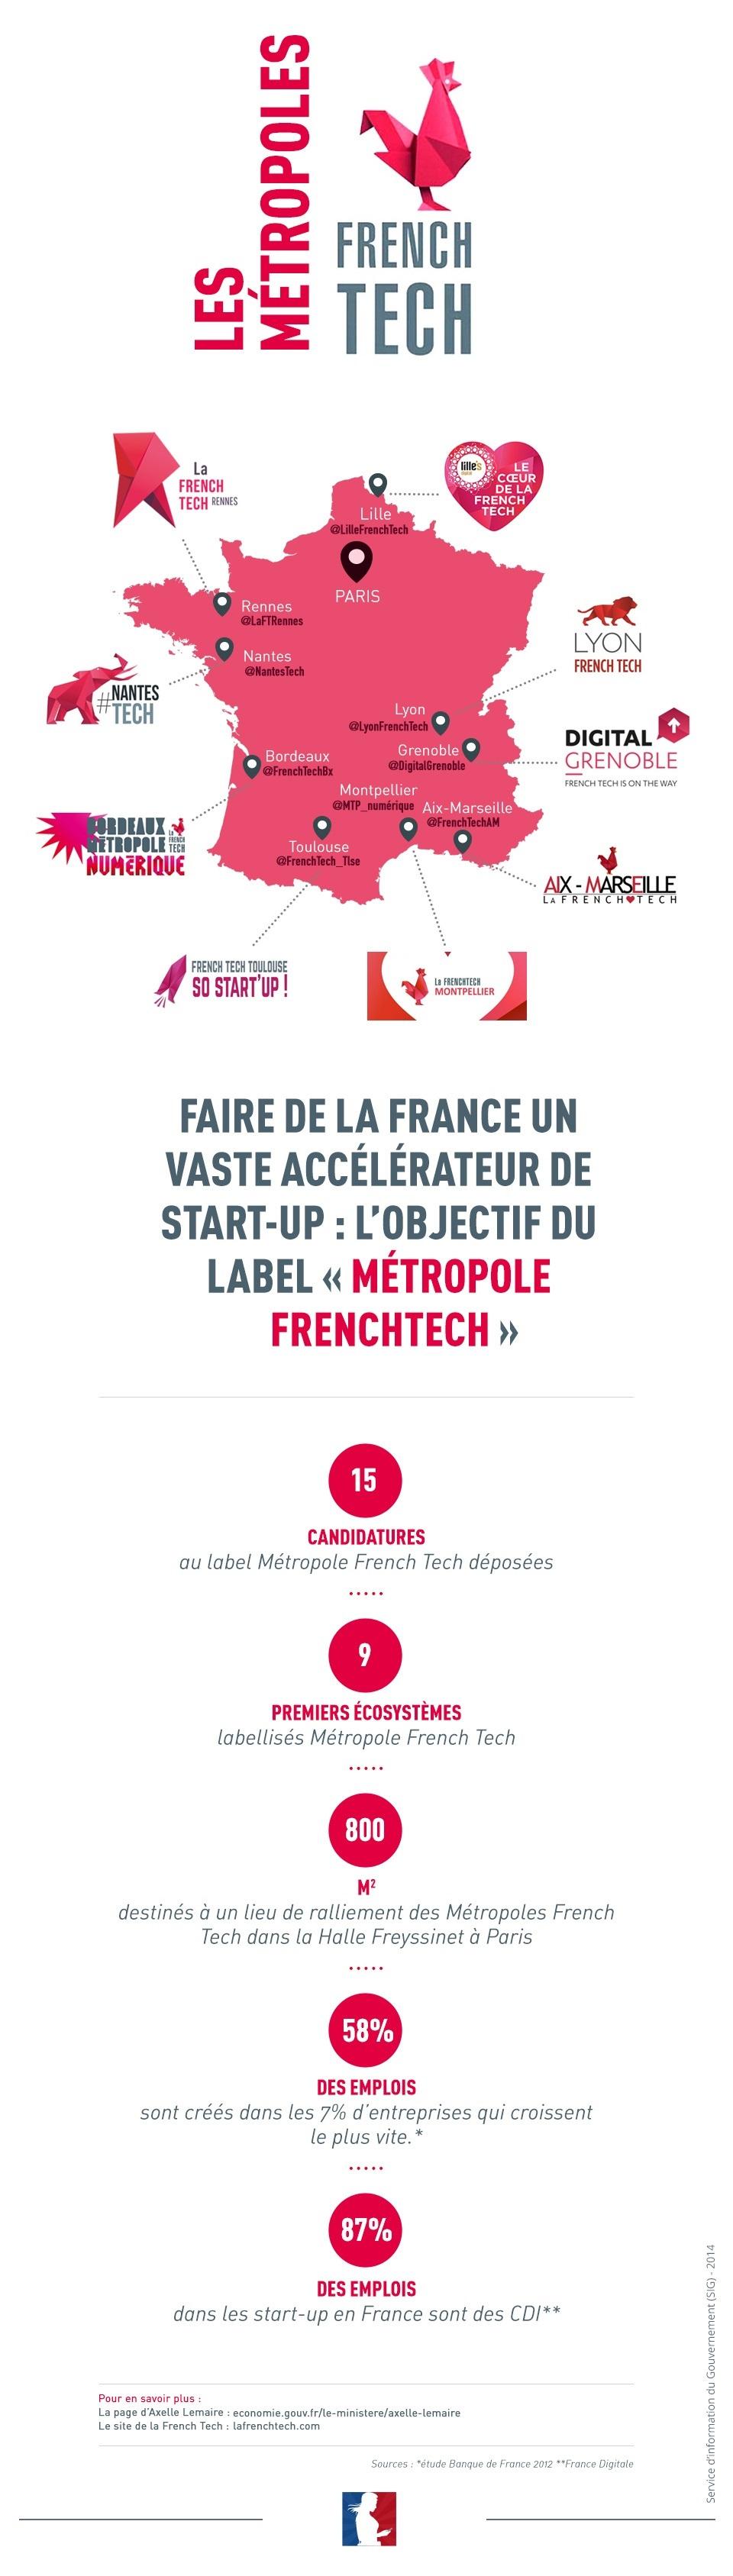 Infographie sur la carte des métropoles French Tech - voir en plus grand